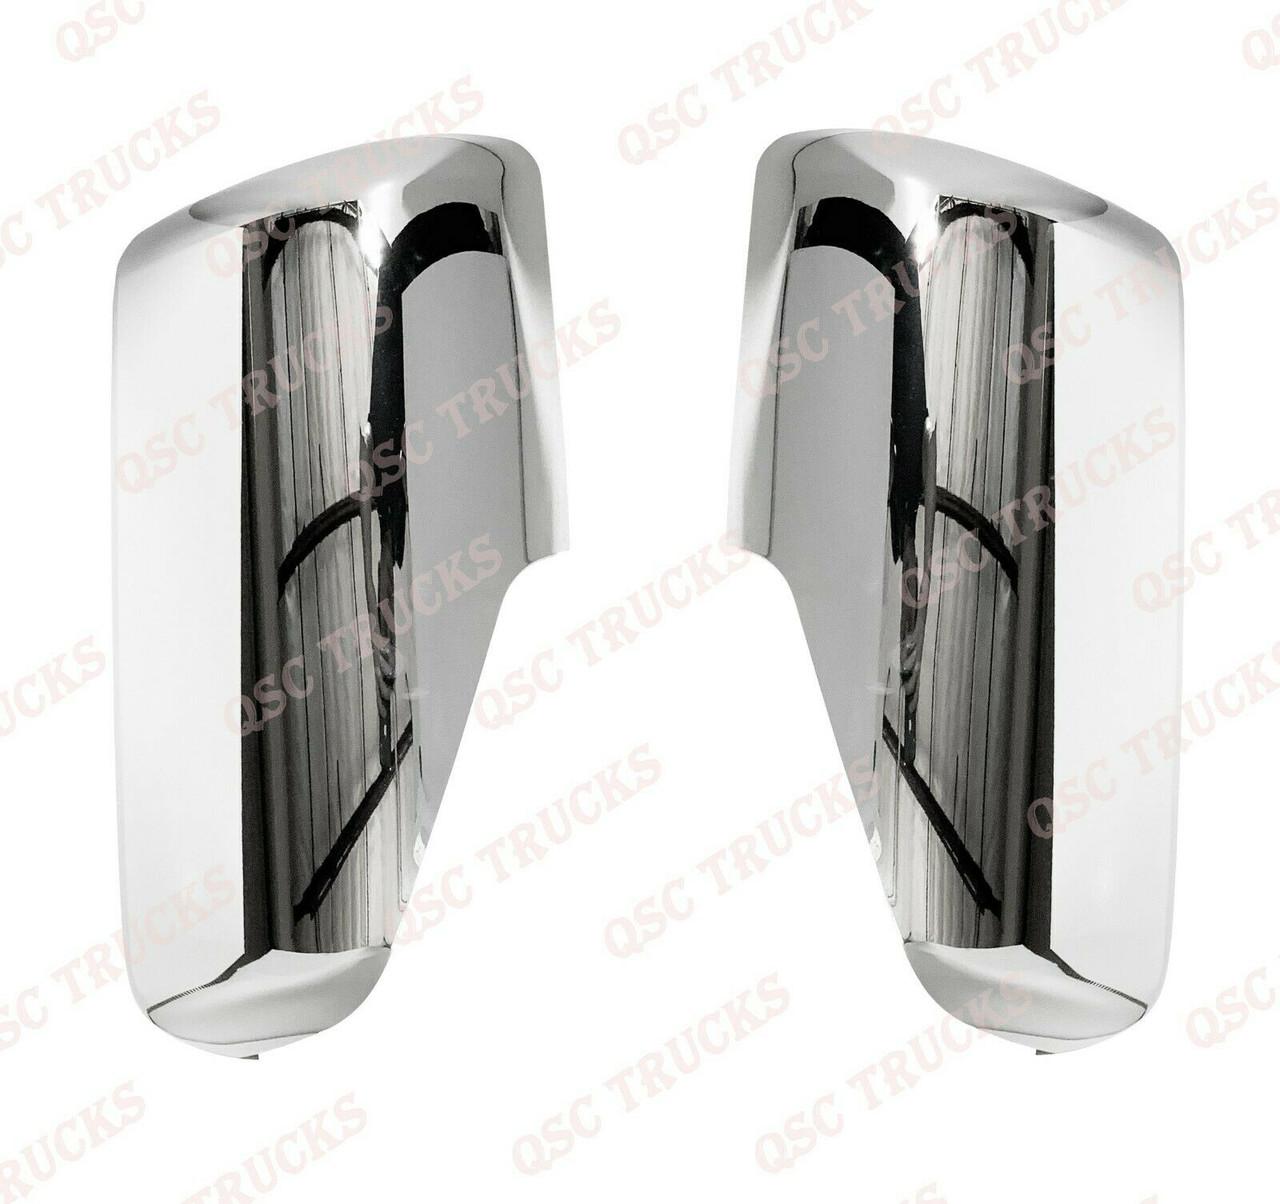 Fit: International DuraStar 4300 Rear View Main Mirror Black for left /& right